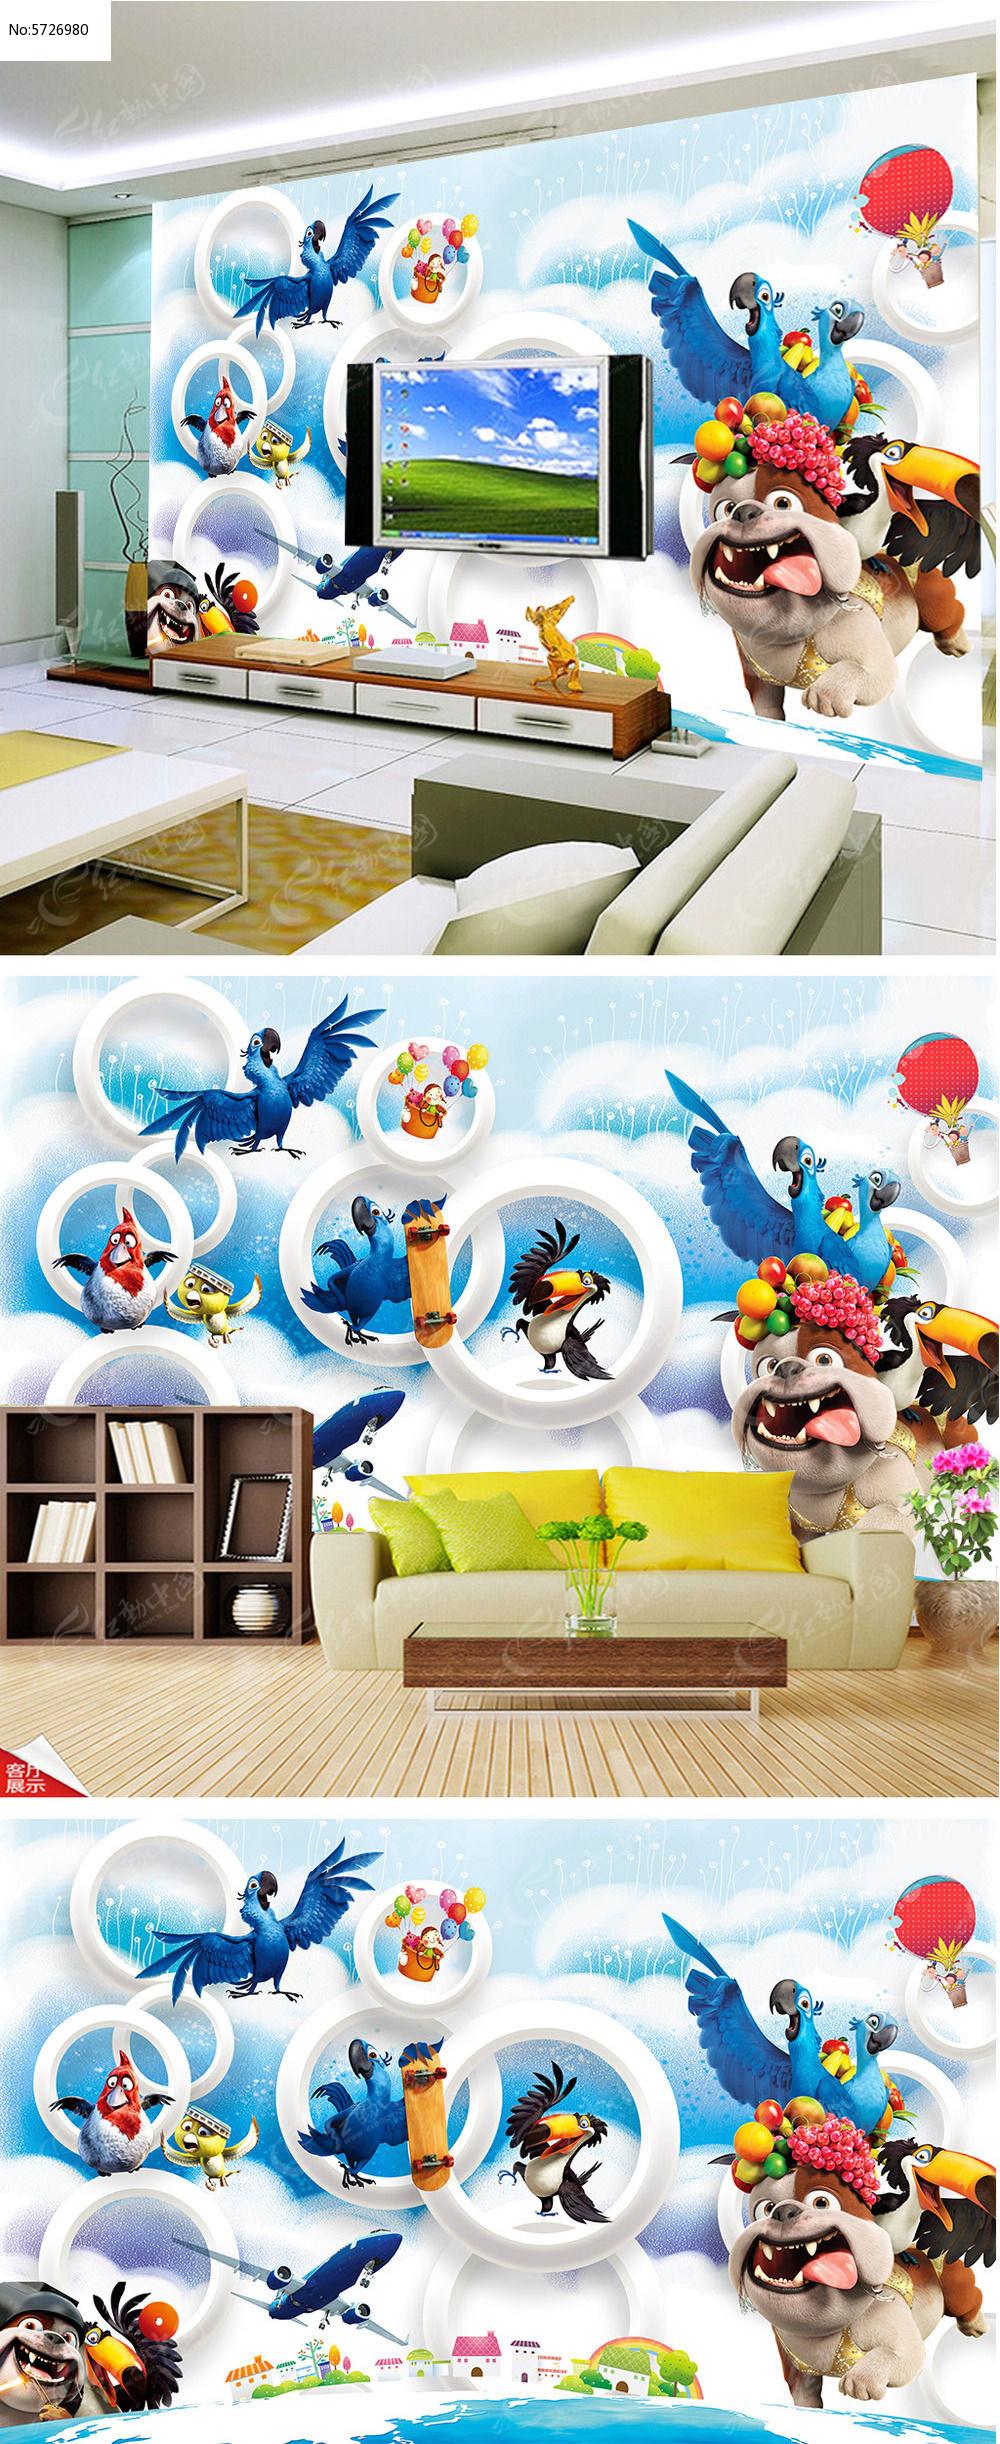 儿童乐园梦幻3D电视背景墙图片